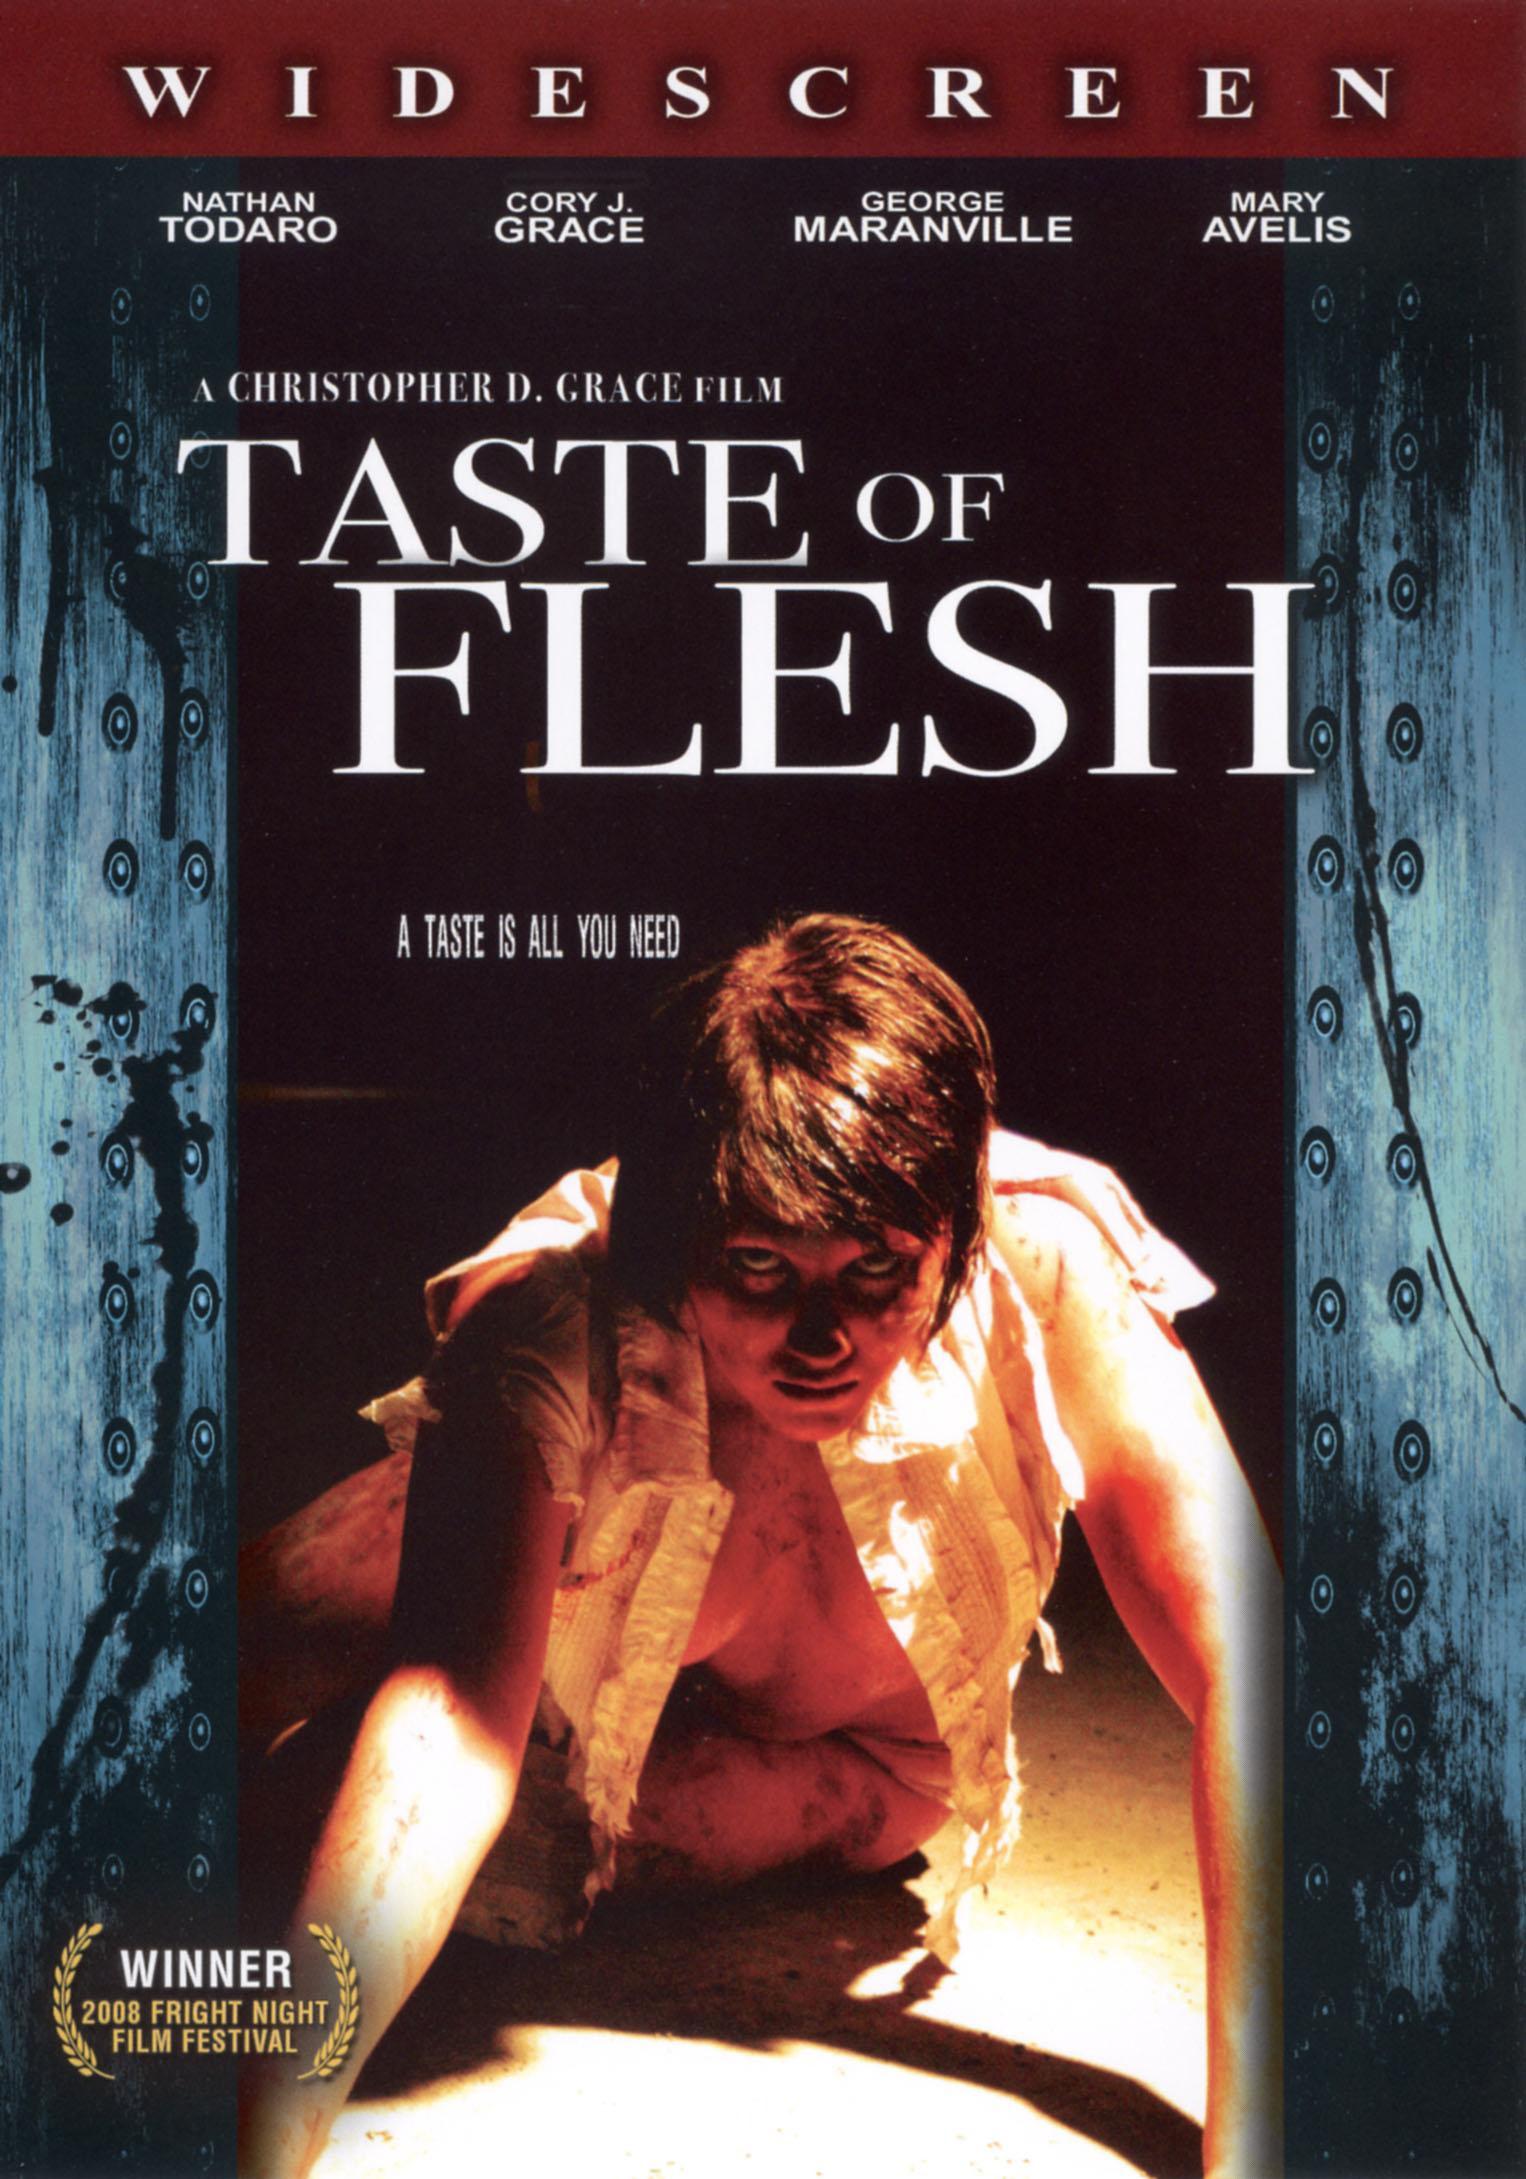 taste of flesh 2008 christopher d grace synopsis